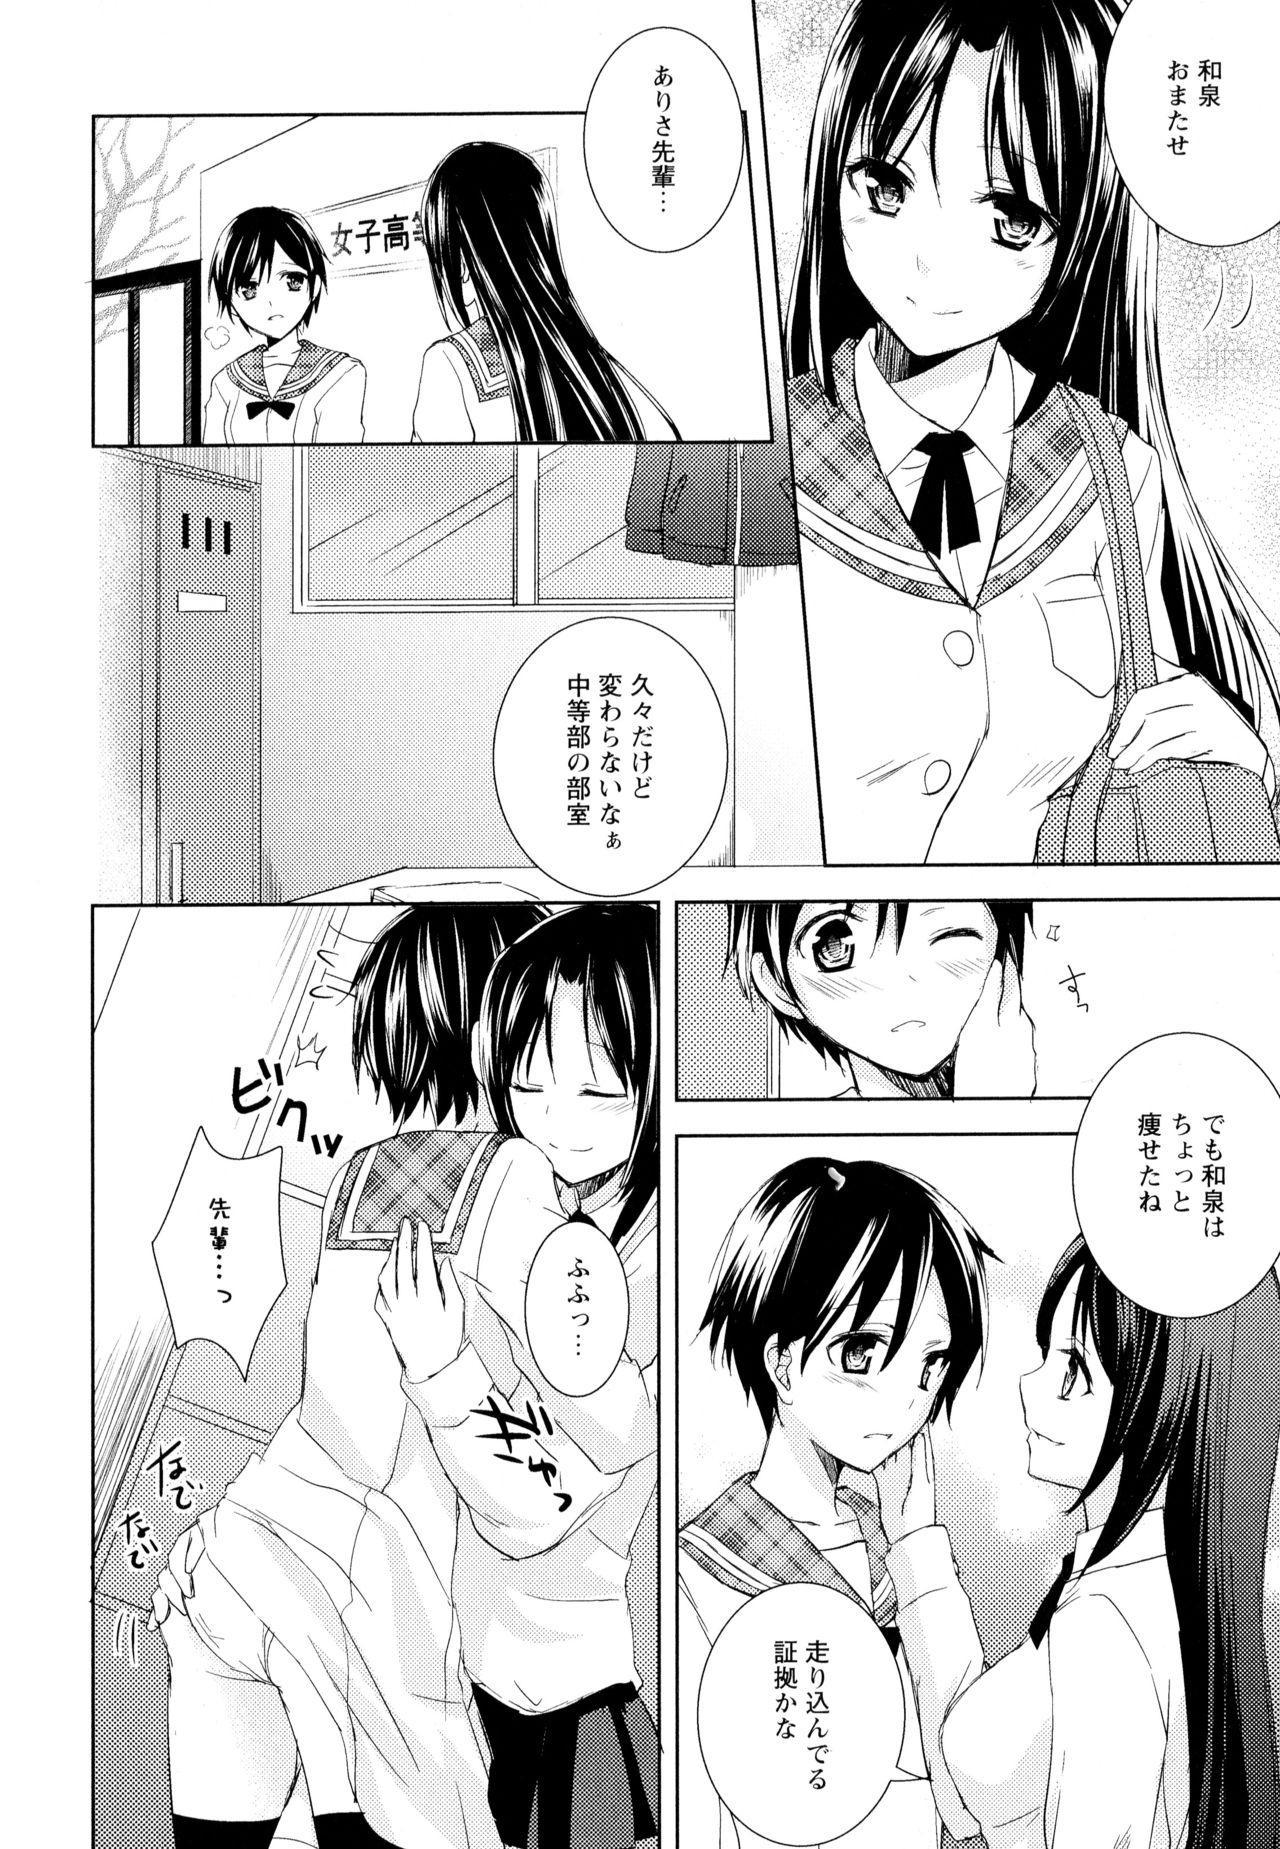 Aya Yuri Vol. 5 21